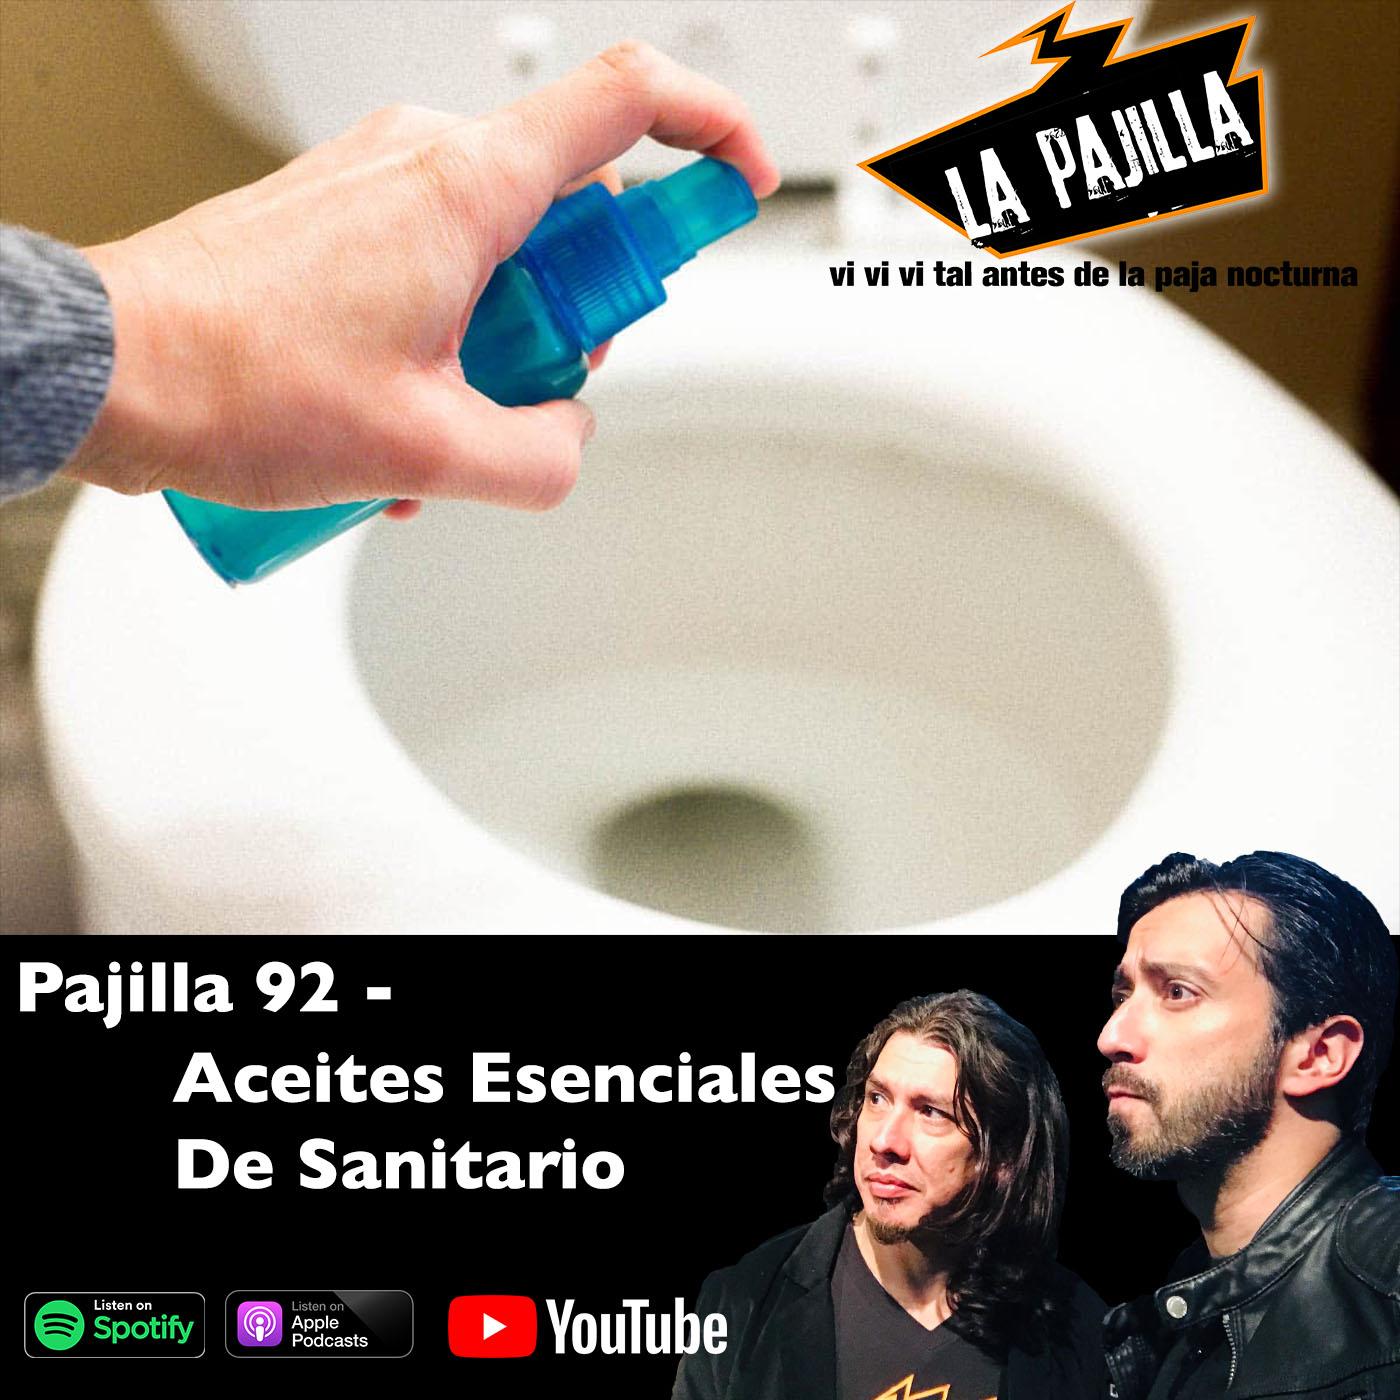 La Paja Nocturna Podcast CR Pajilla 92